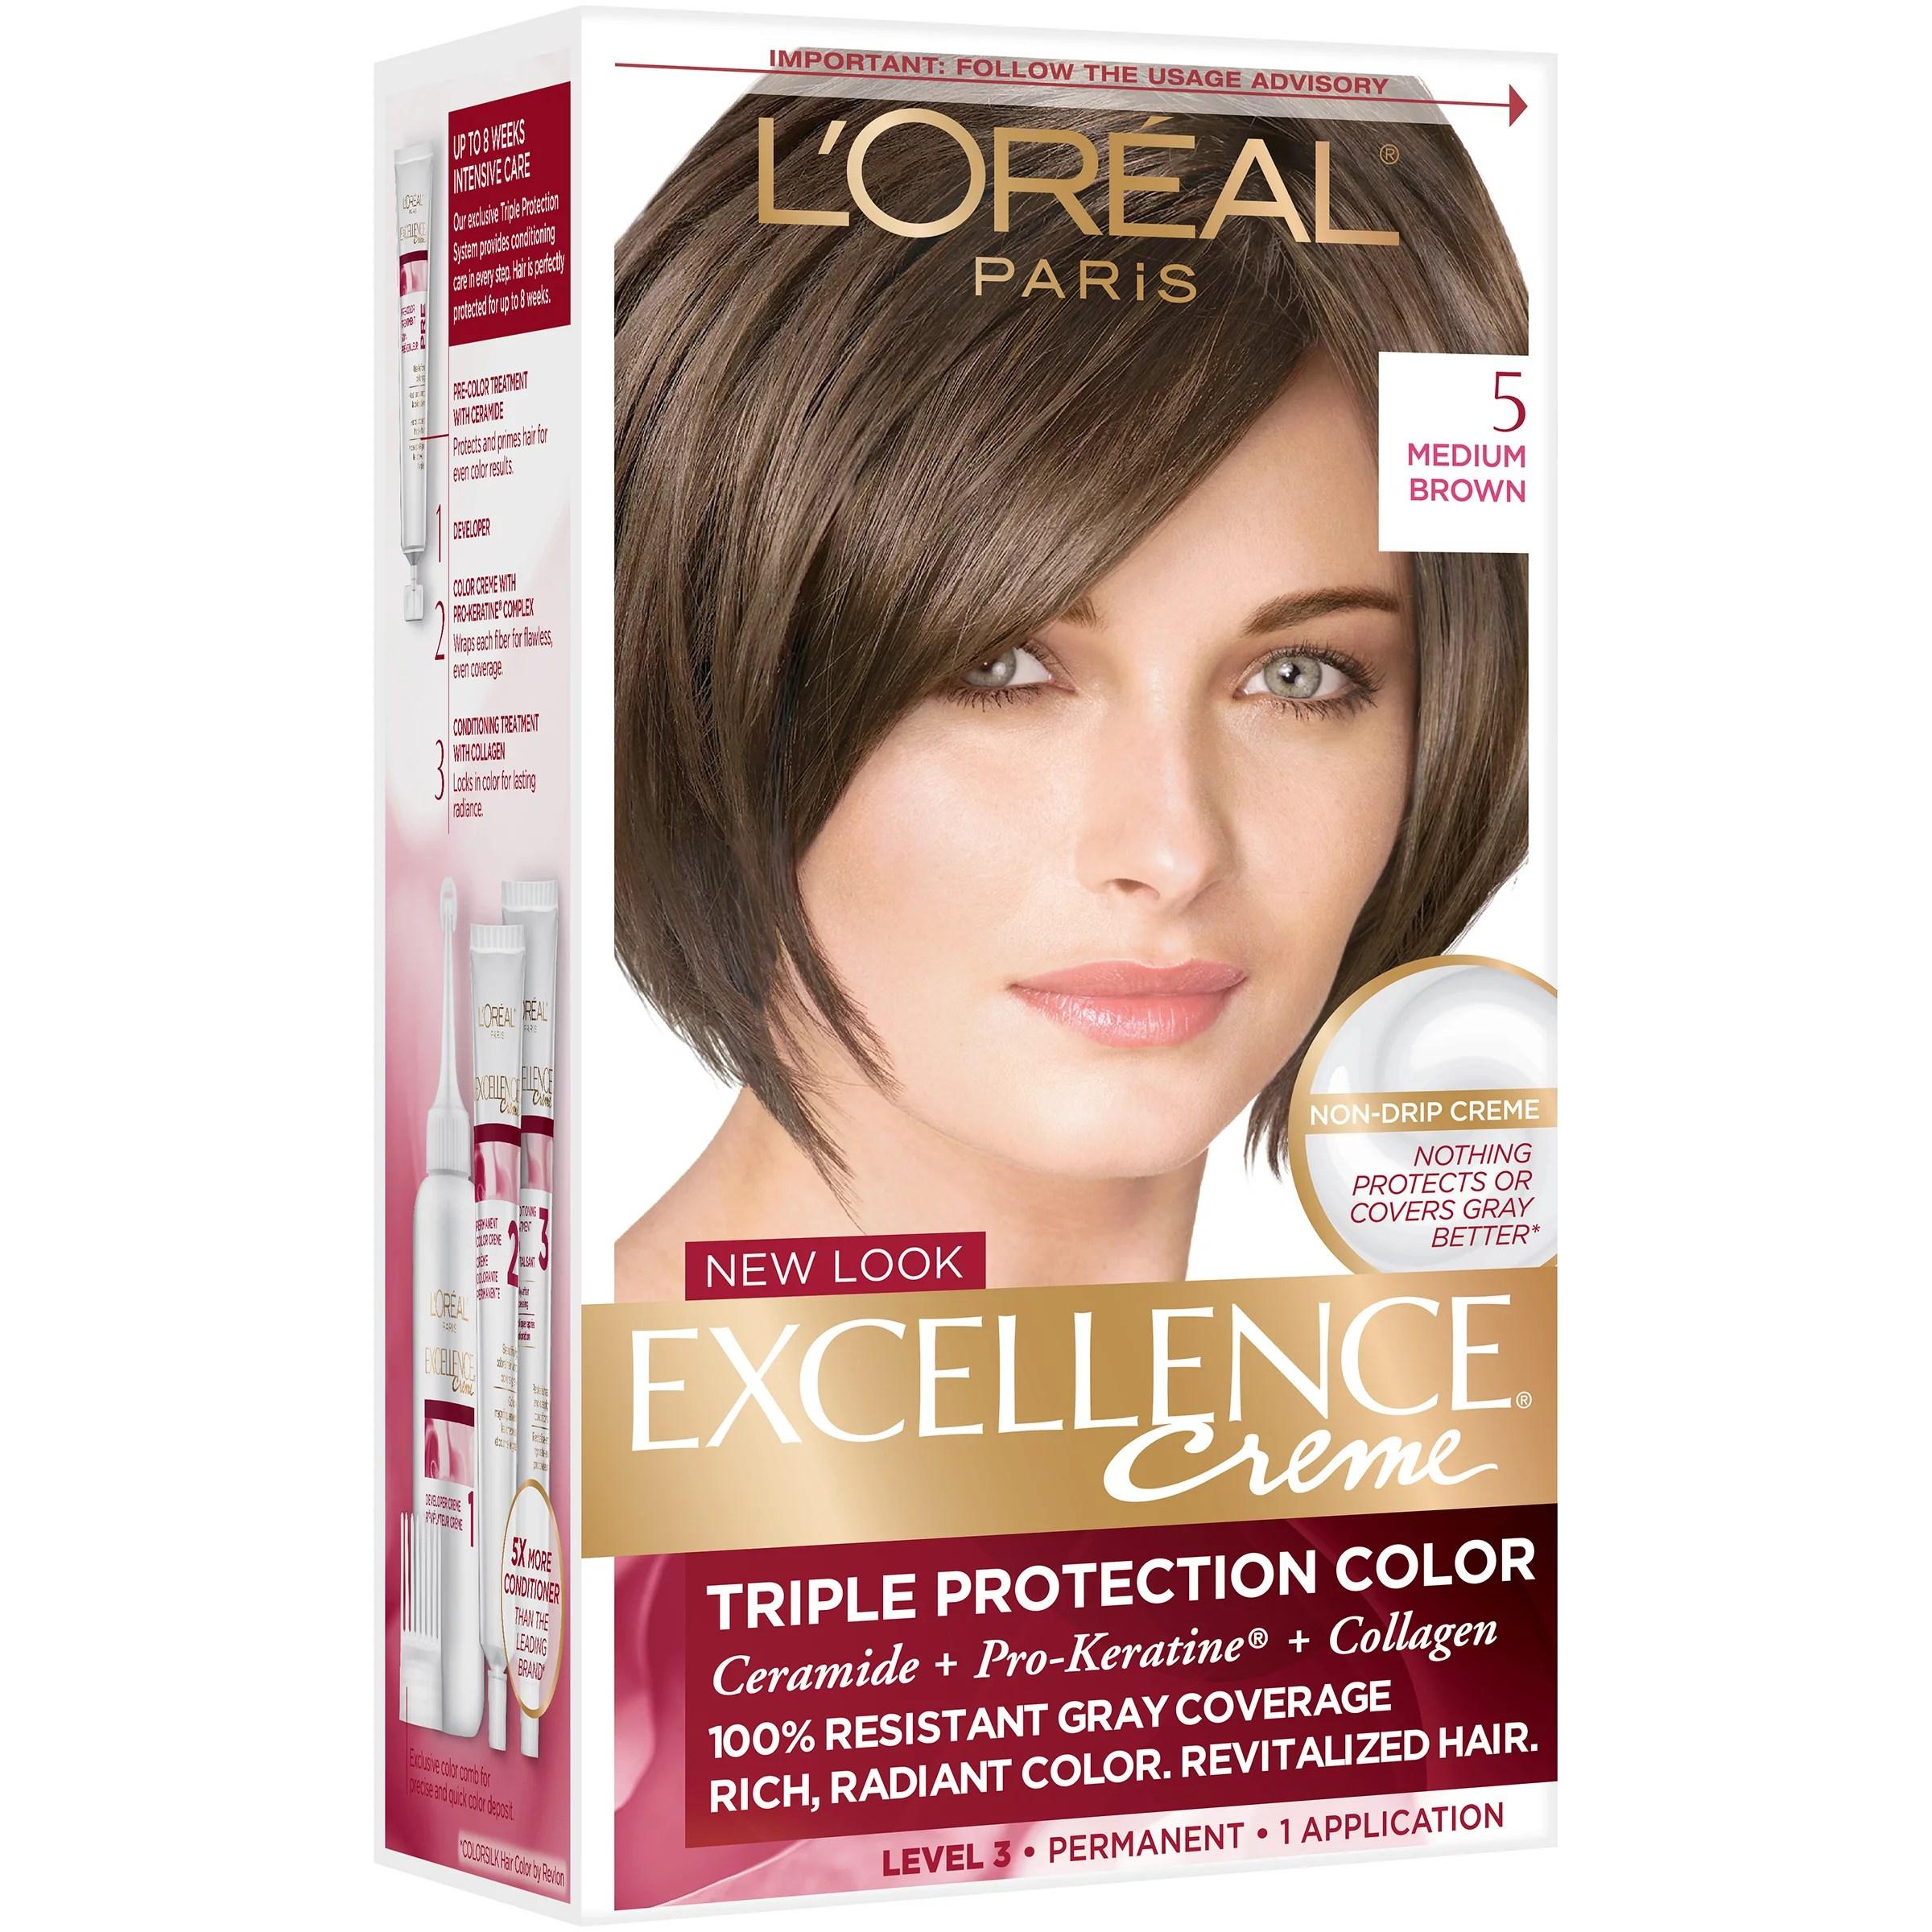 L Oreal Paris Excellence Creme Permanent Hair Color 5 Medium Brown Shop Hair Color At H E B